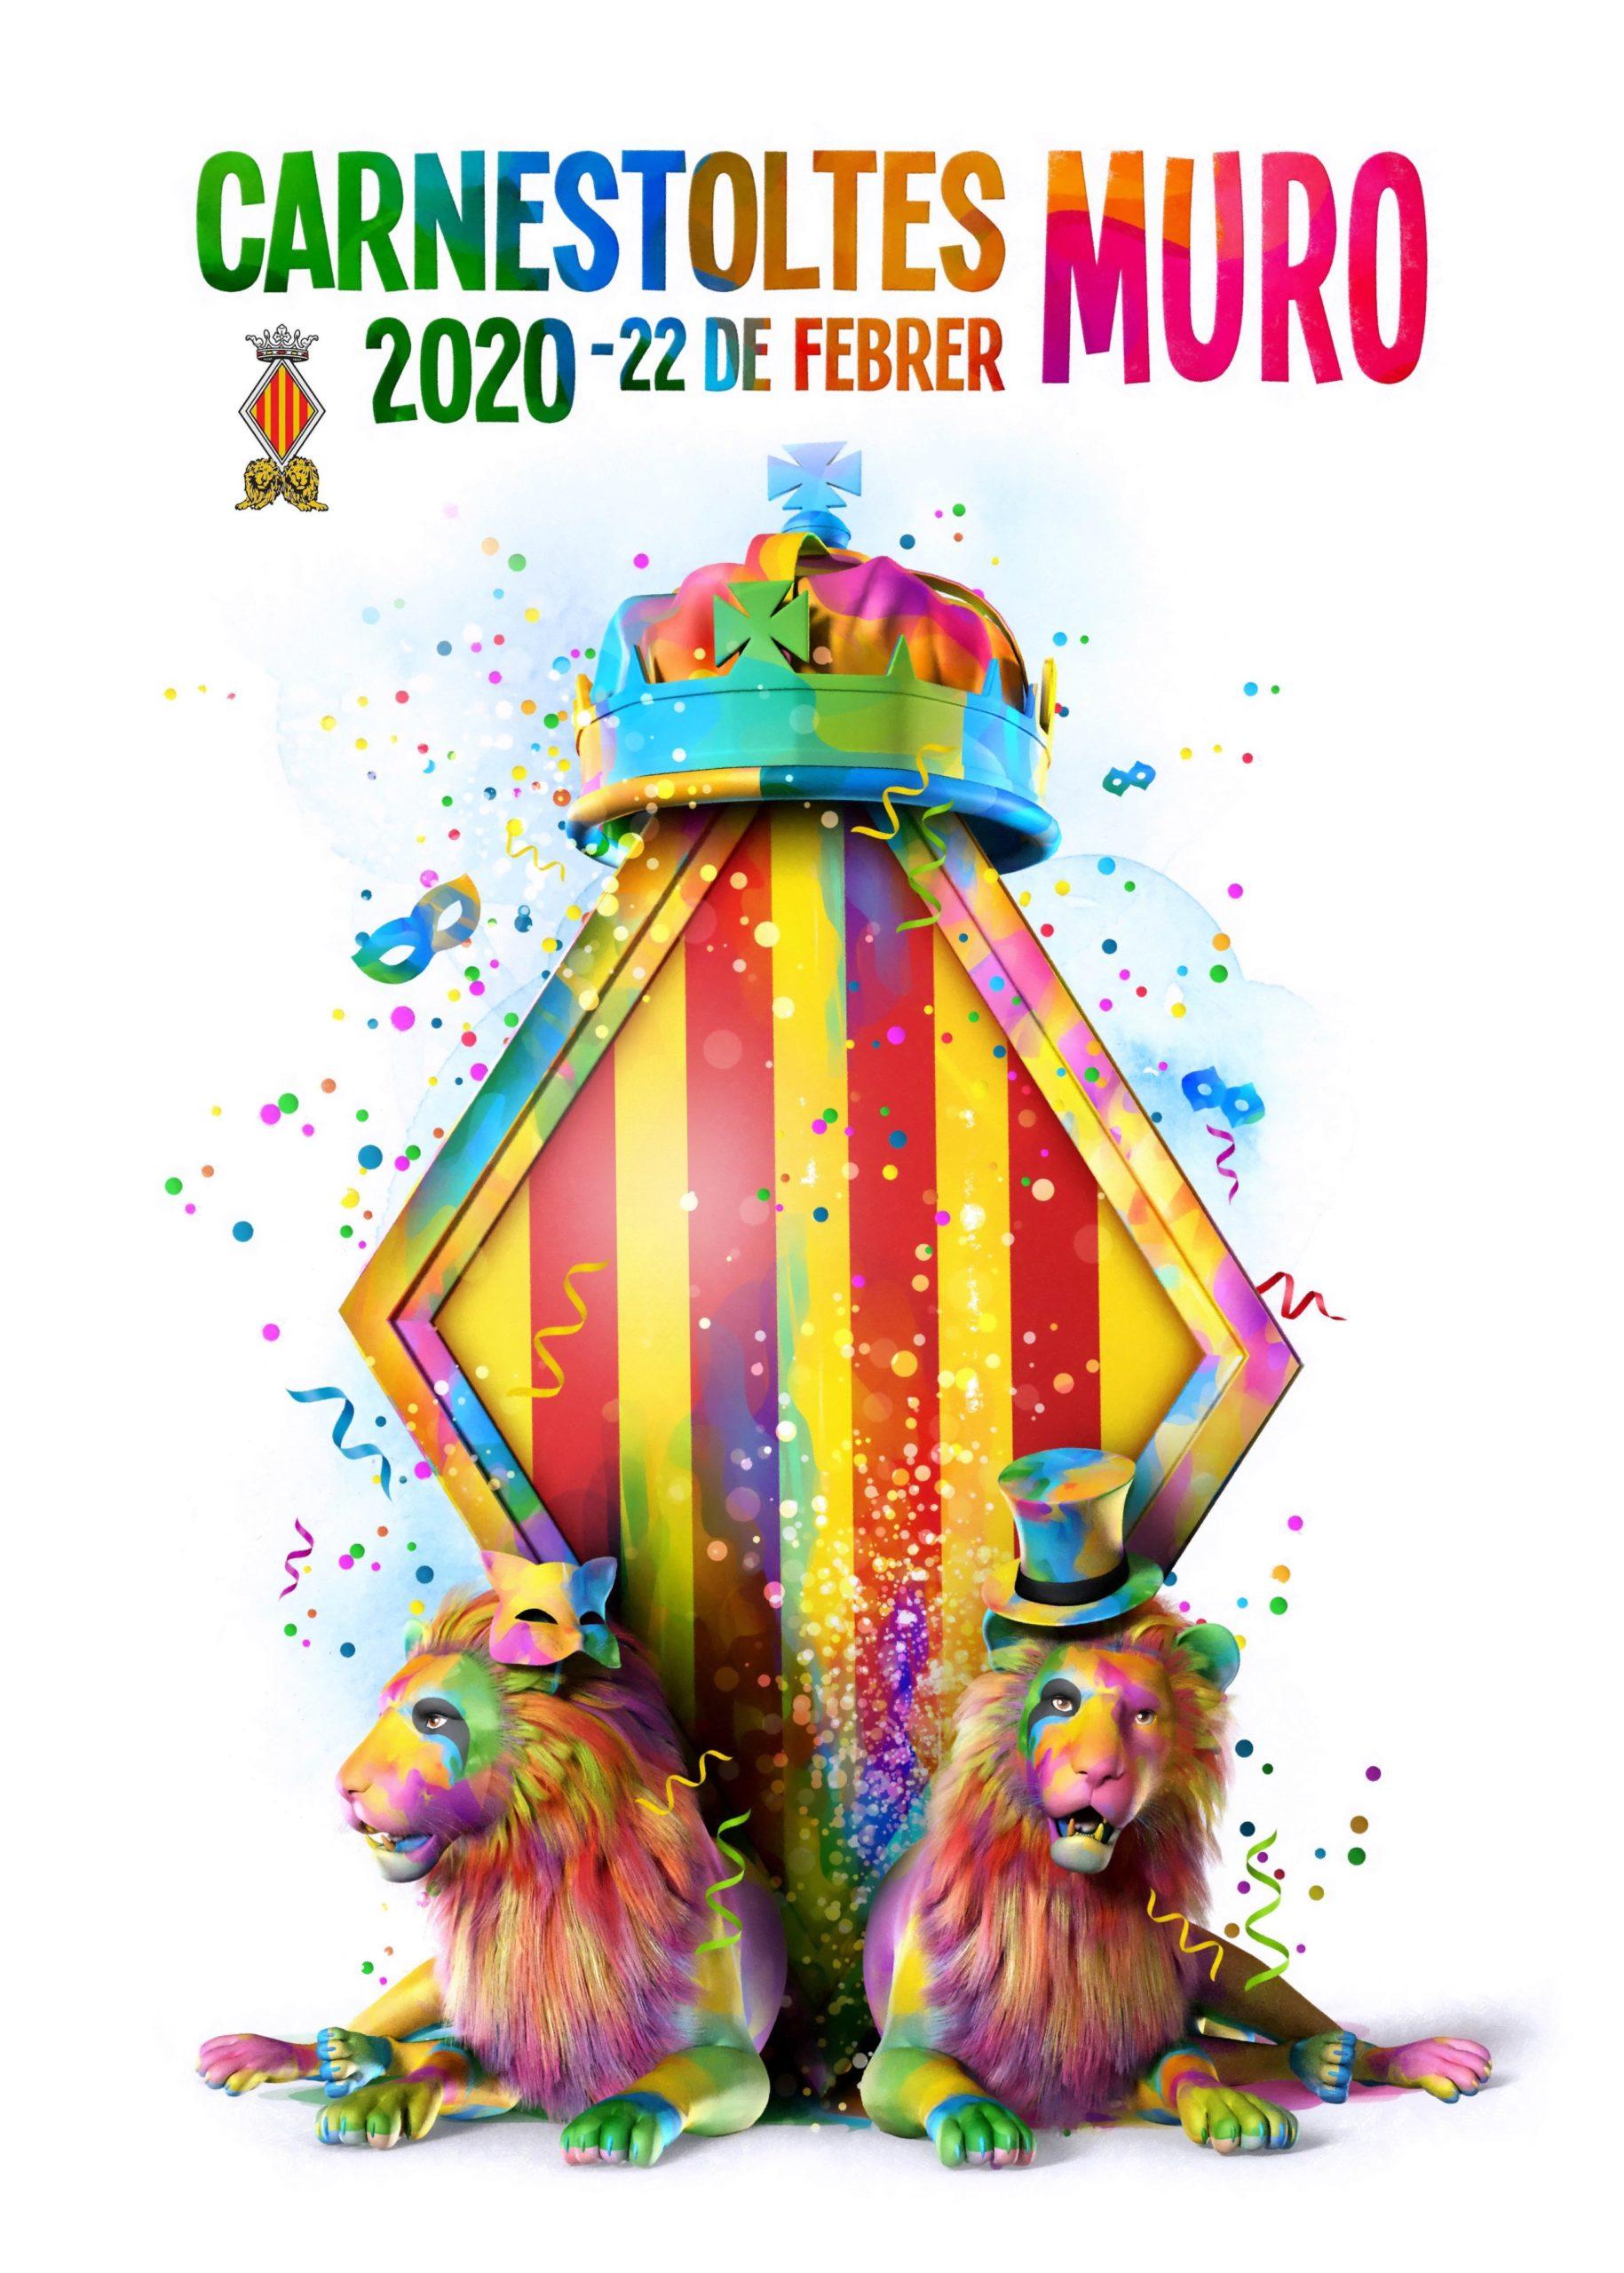 carnaval muro 2020